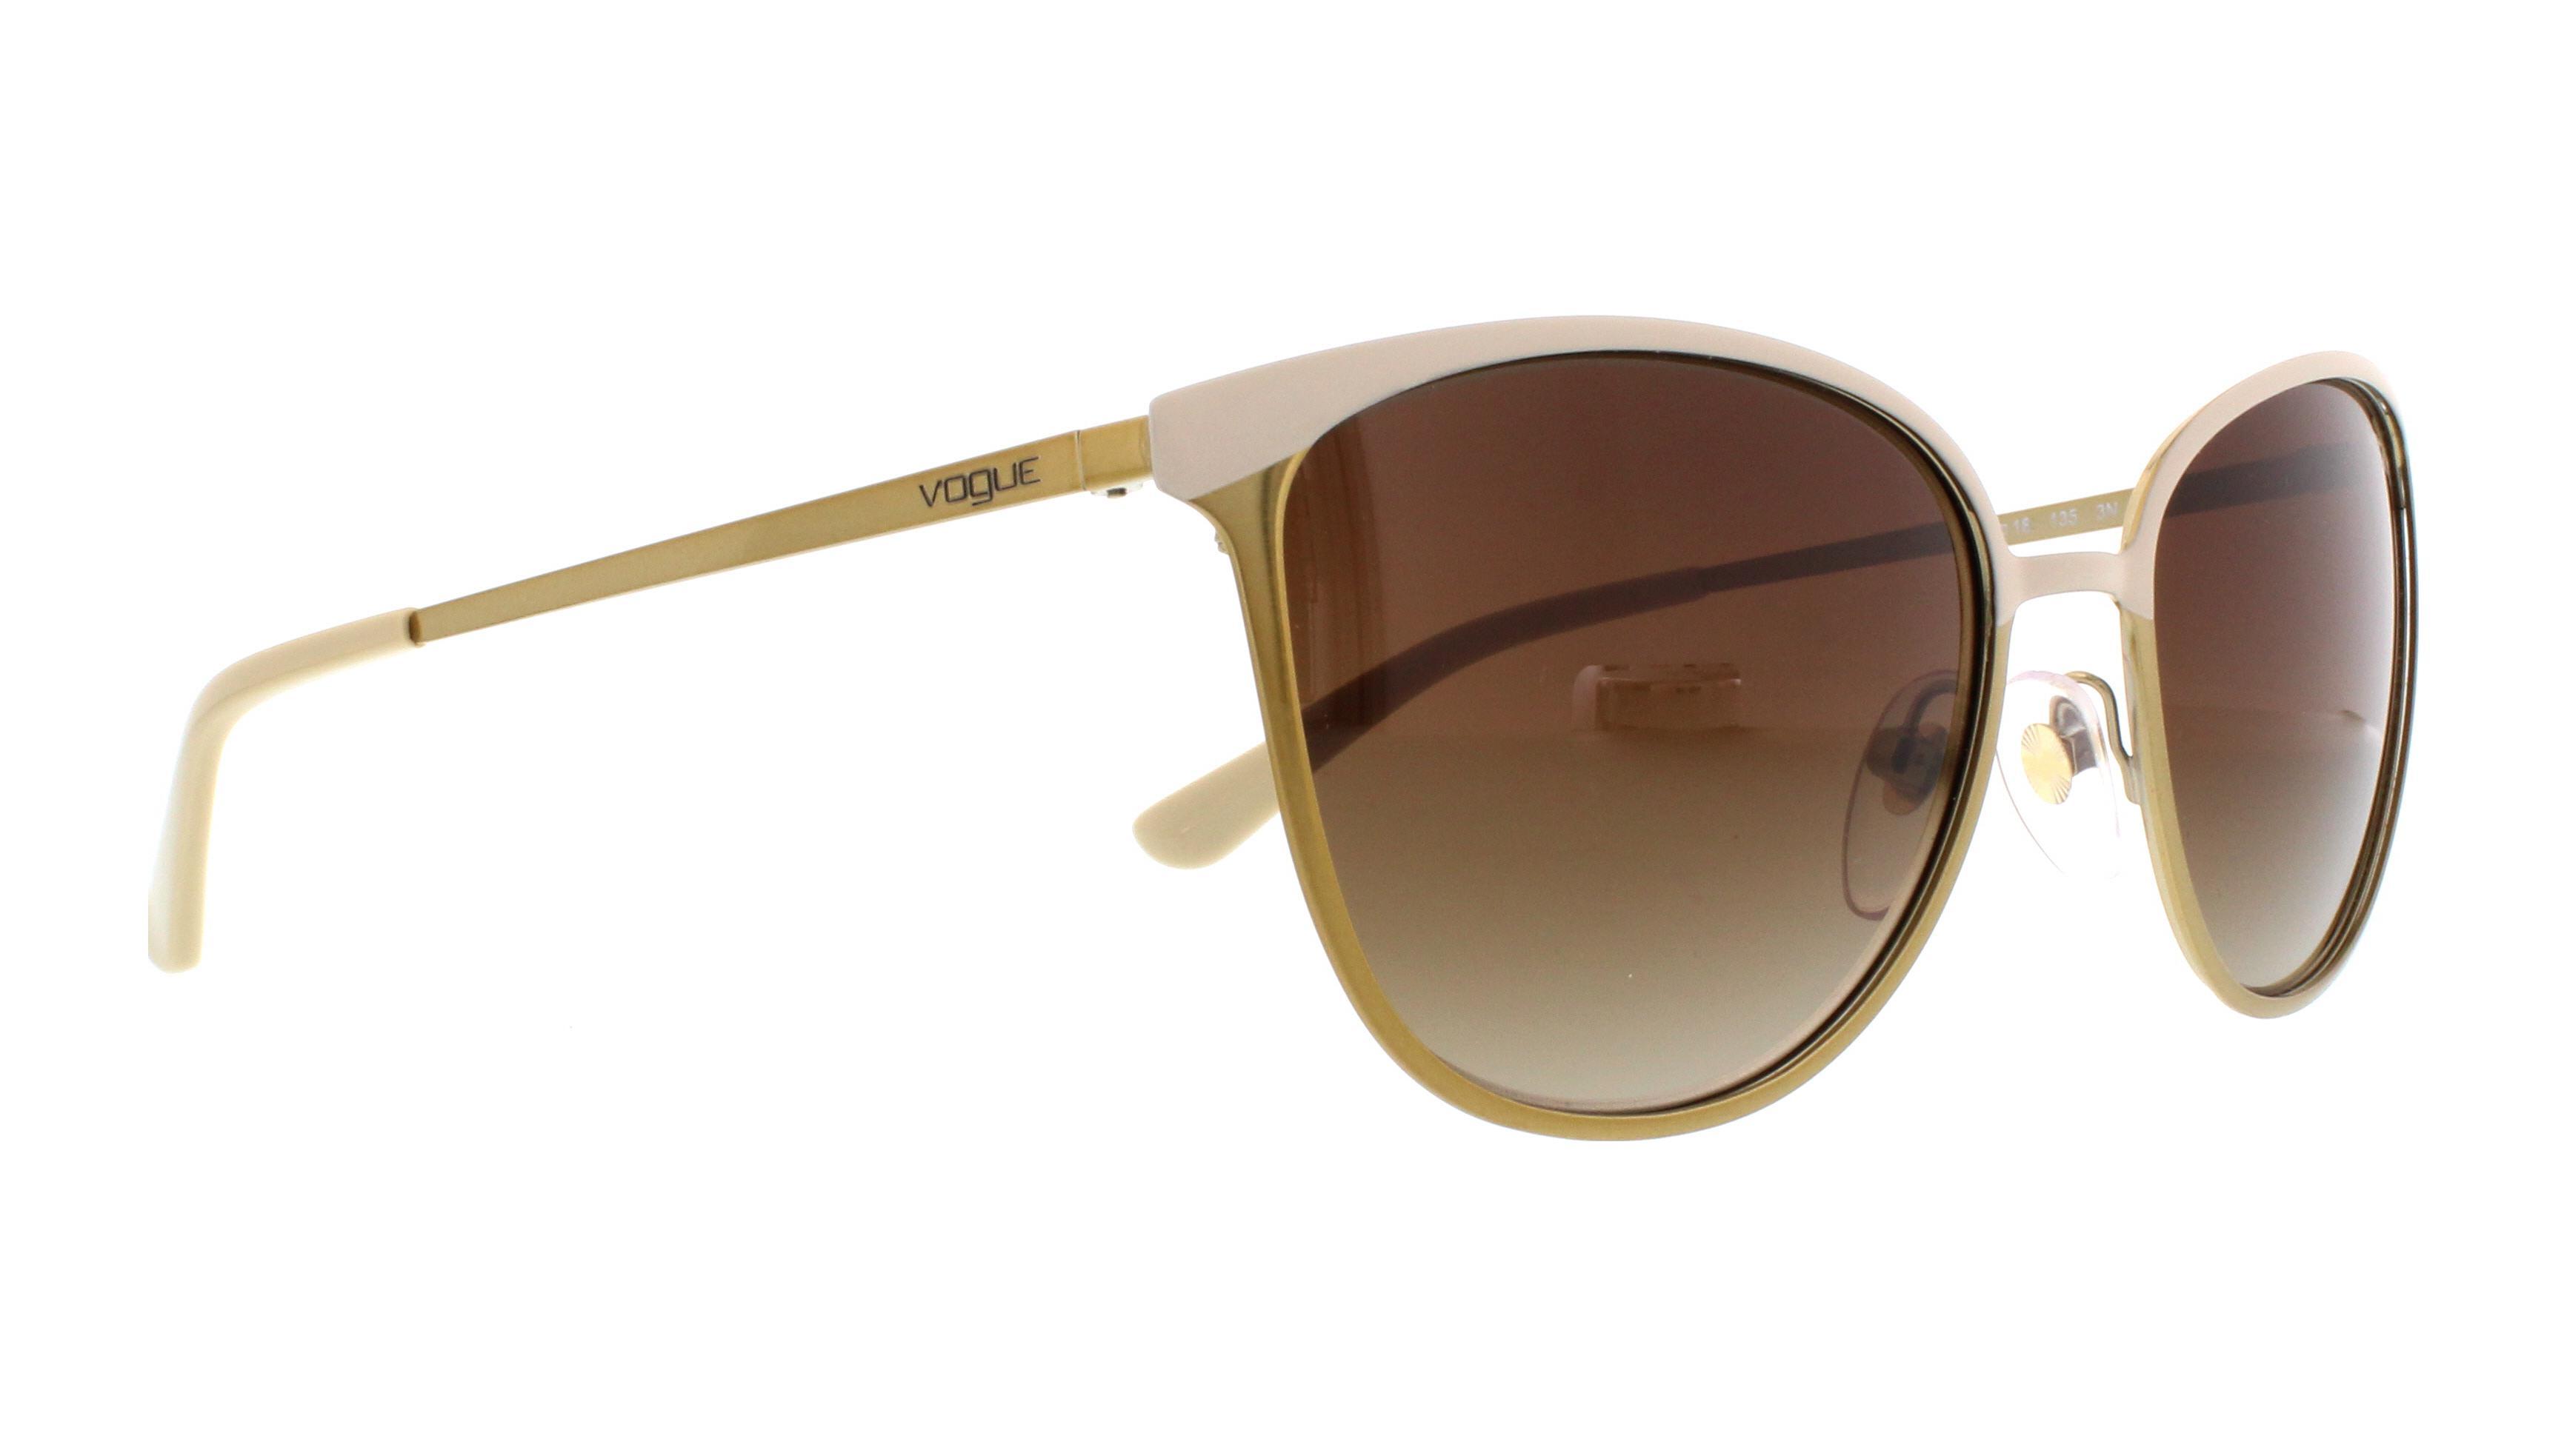 Vogue VO4002S Sonnenbrille Beige / Gold 996S13 55mm fX6XNI20NQ